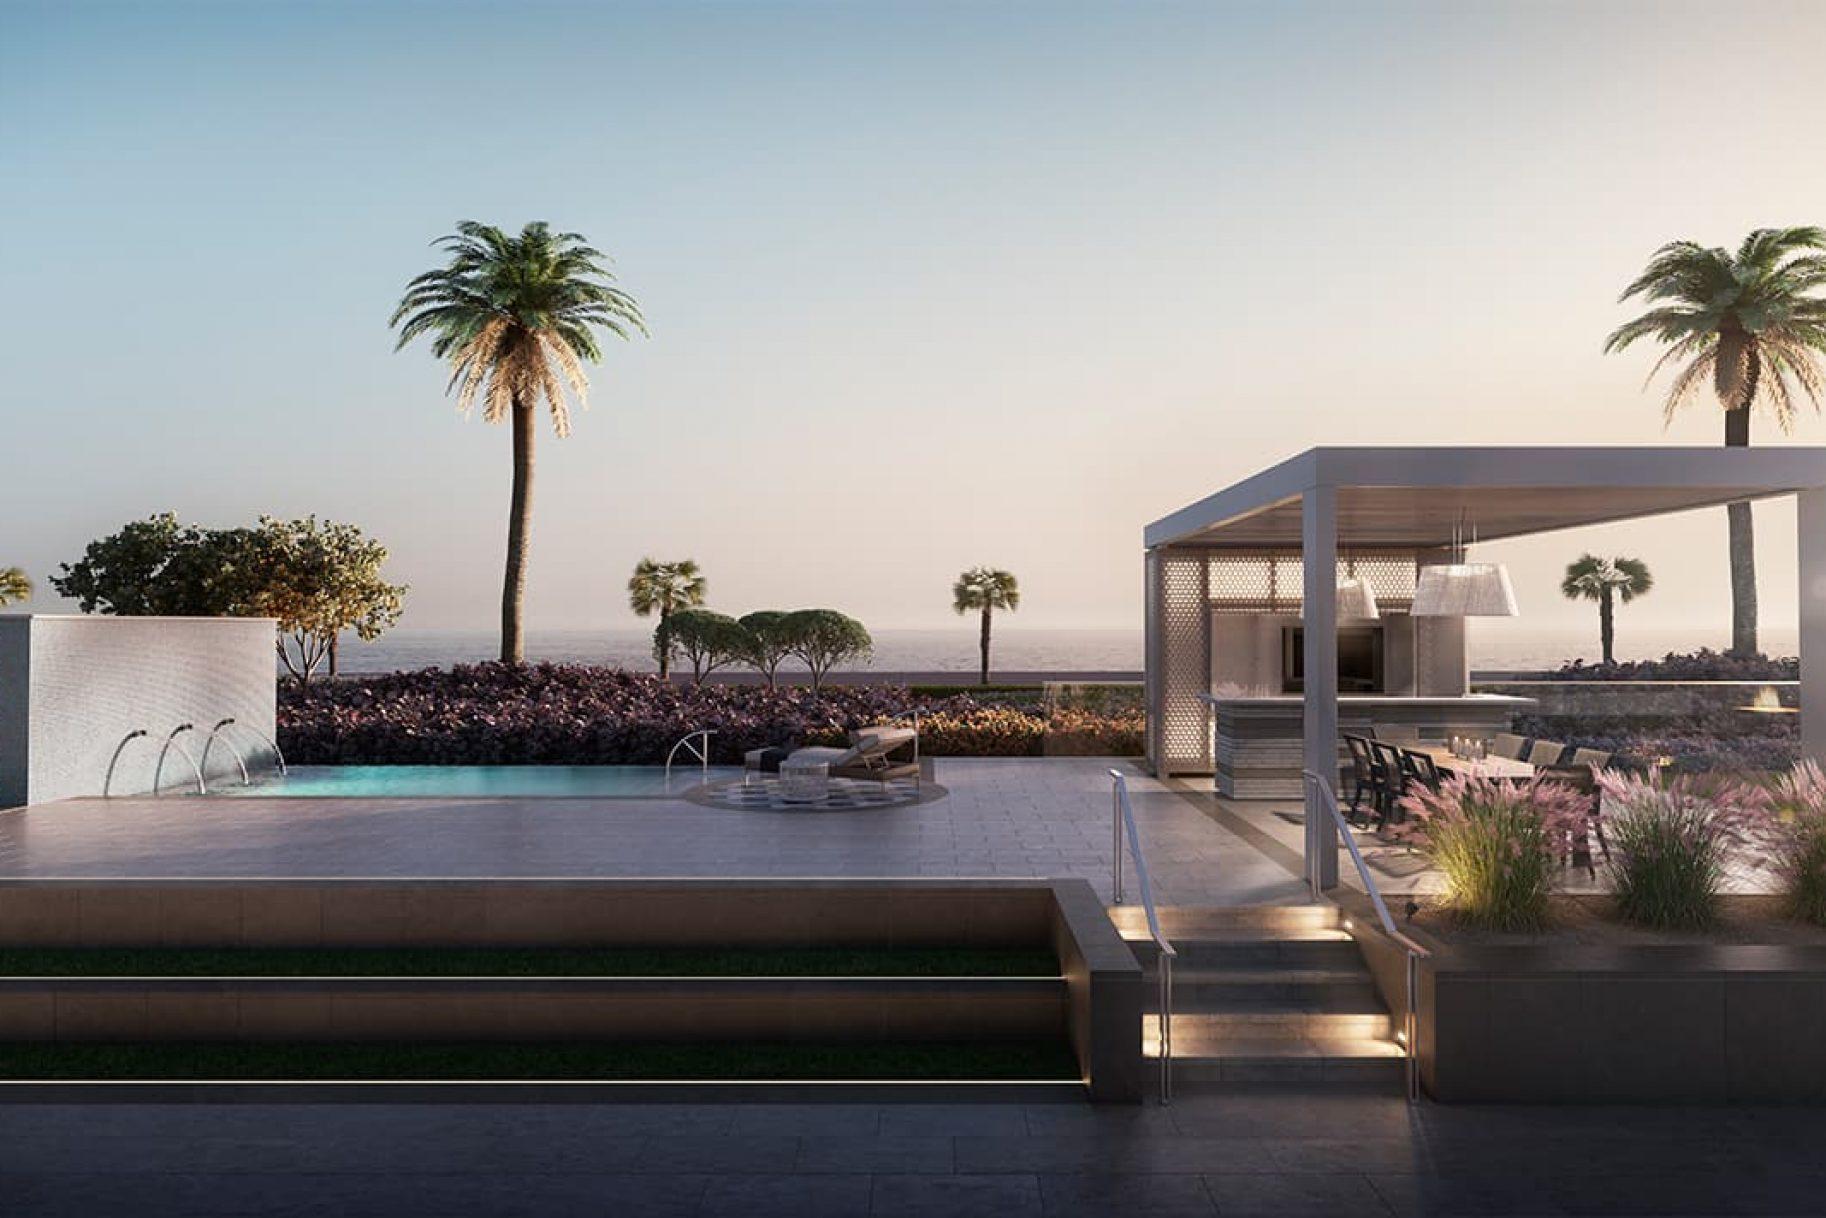 A luxury garden residence on the Palm Jumeirah, Dubai